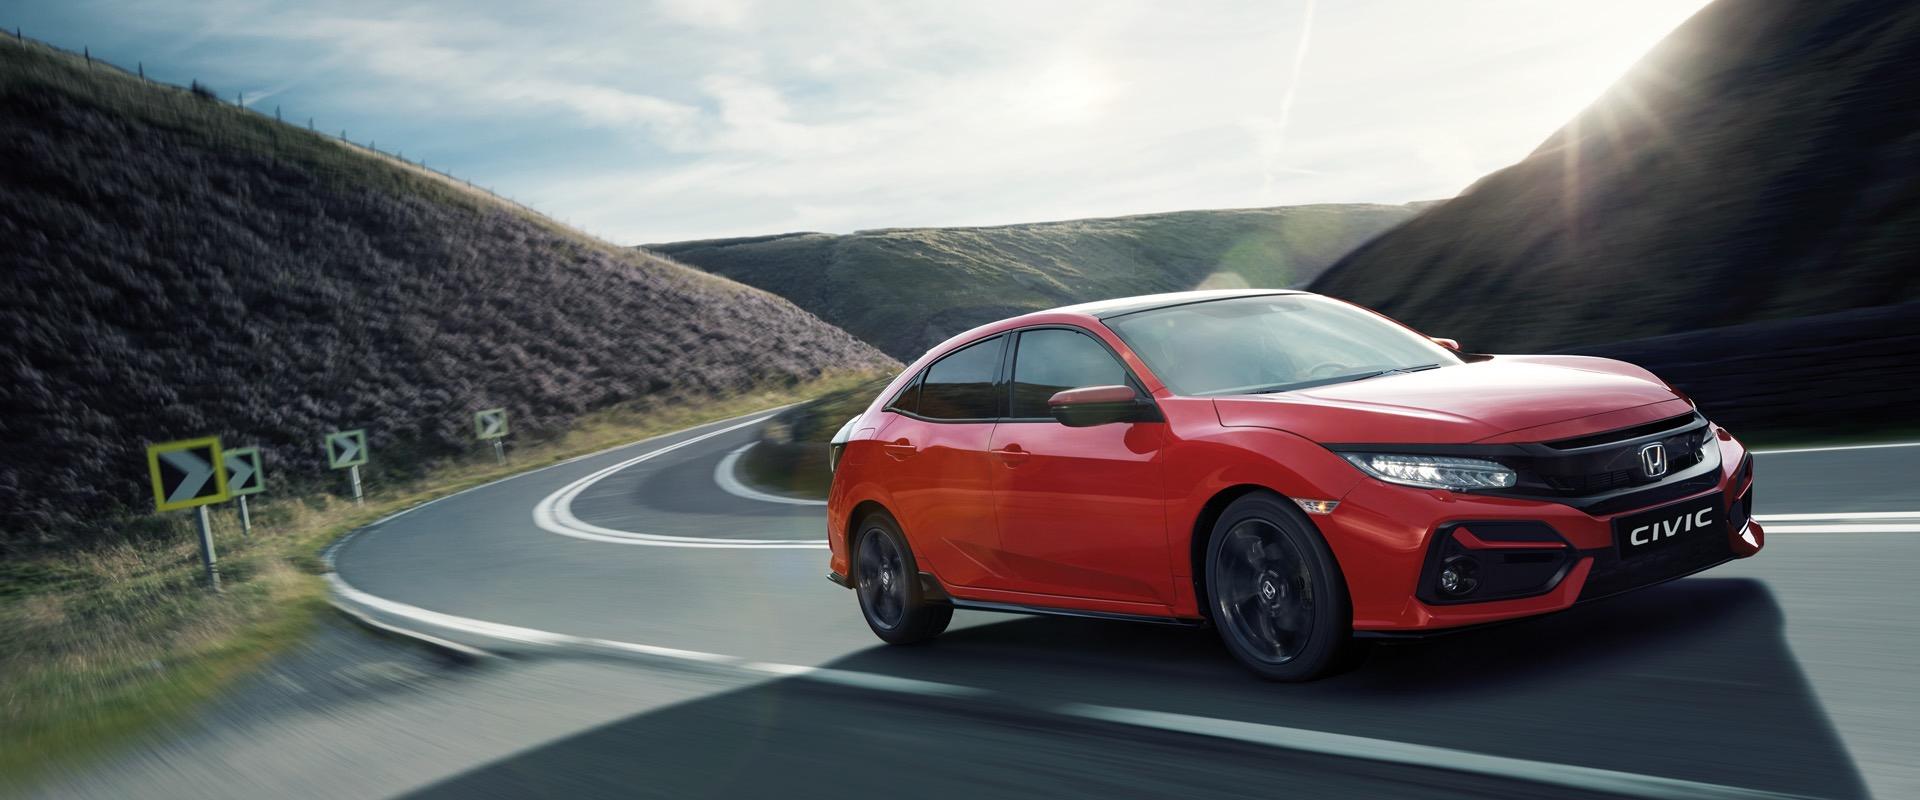 Honda Plaza  Tekbaş Civic Hatchback ile Sportif Ruhunuzu Yansıtın